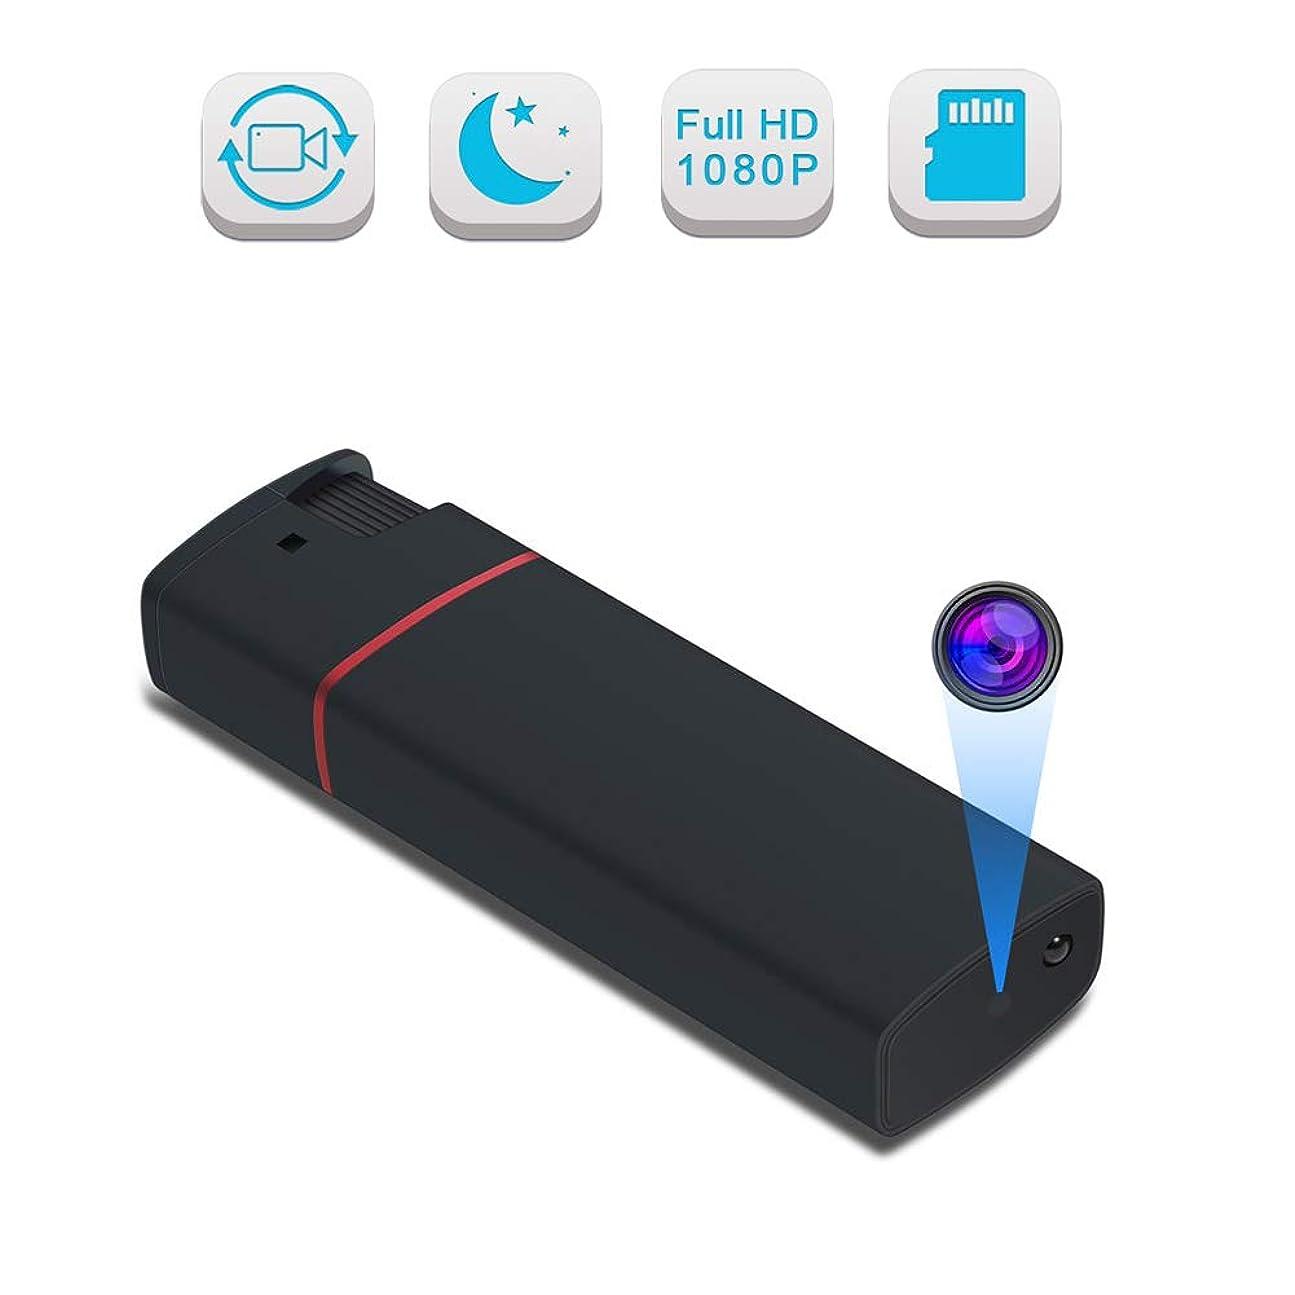 西動関連する隠しカメラ ライターカメラ 超小型カメラ i-pelay 電熱線式ライター 監視防犯カメラ 1080P高画質 暗視機能 長時間録画 携帯便利 スパイカメラ USB充電2019最新版 日本語取扱付き